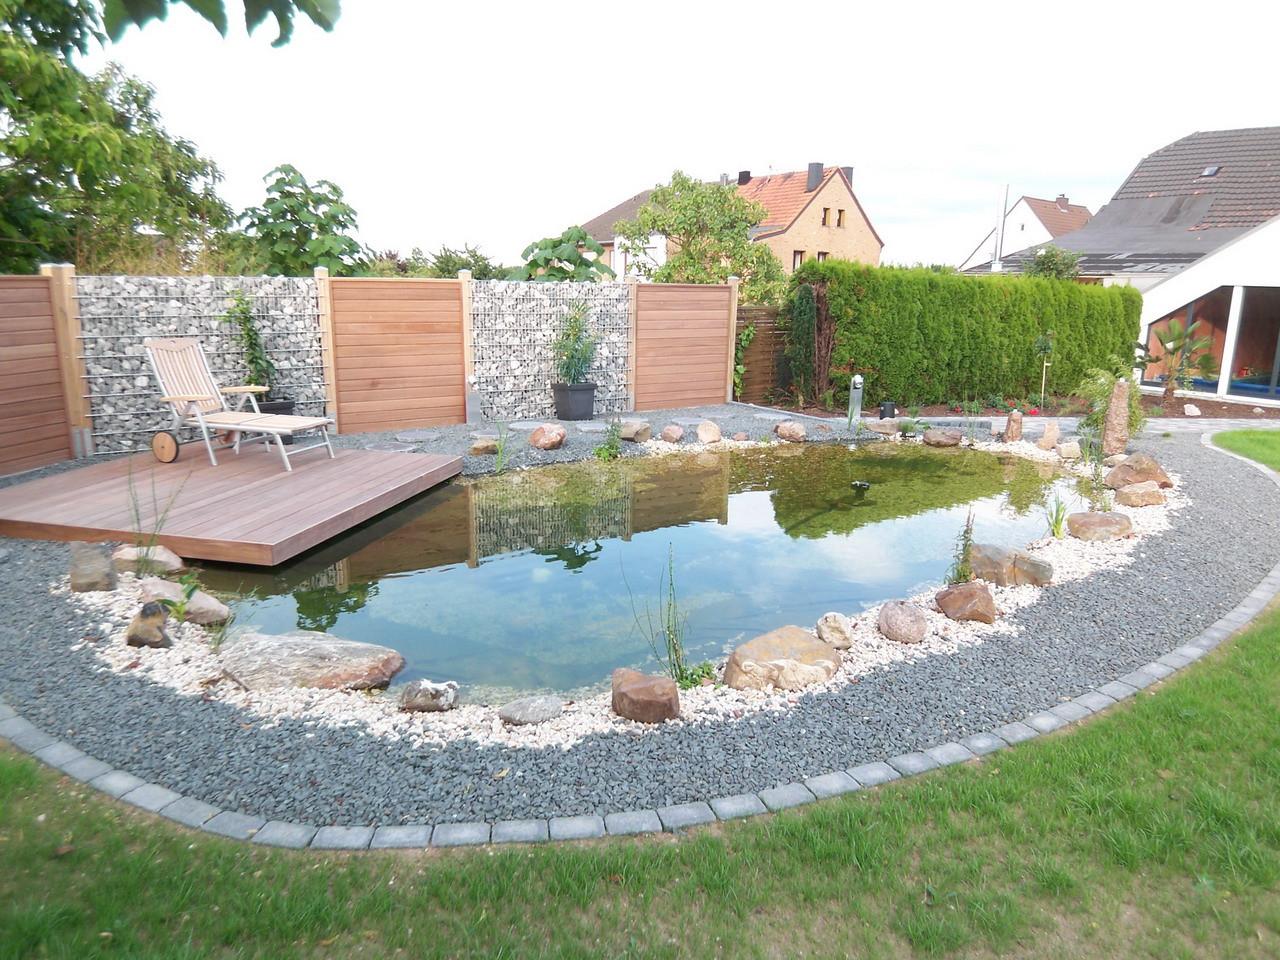 Wohnzimmerz Teich Terrasse With Im Sommer Ferienwohnung Albers In